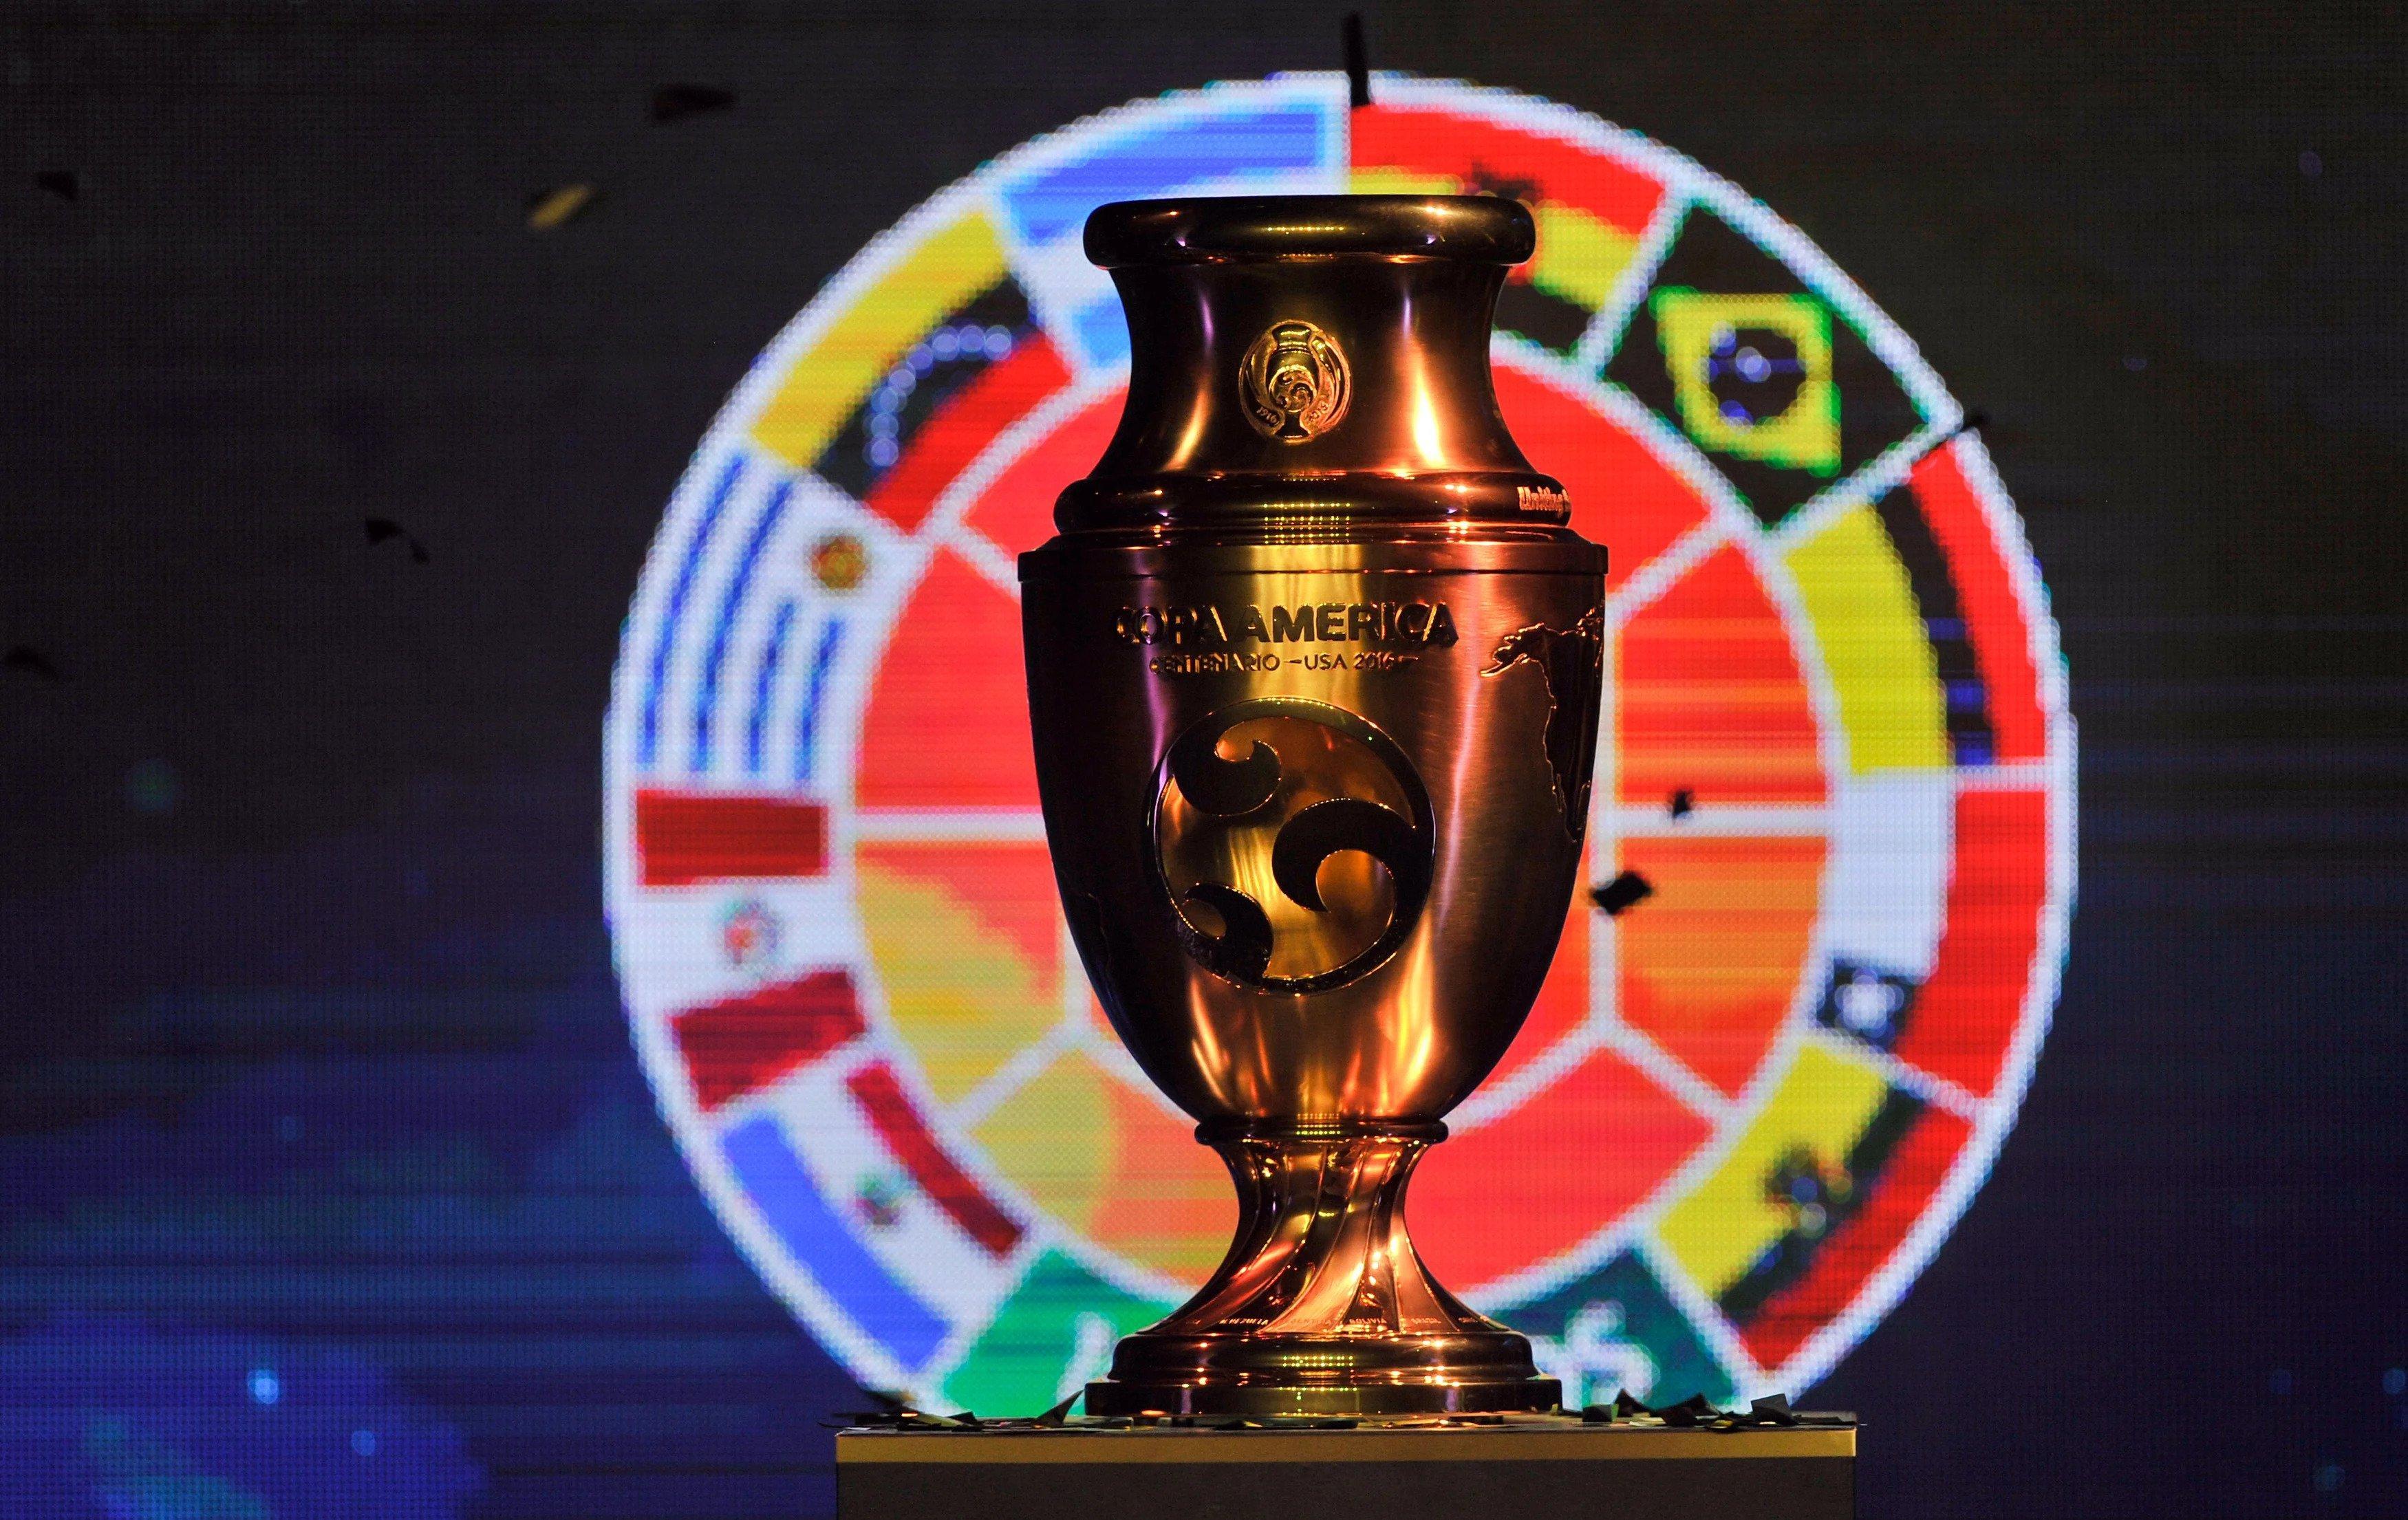 Primeiro confronto marcado da Copa América é entre Argentina e Chile, em Buenos Aires